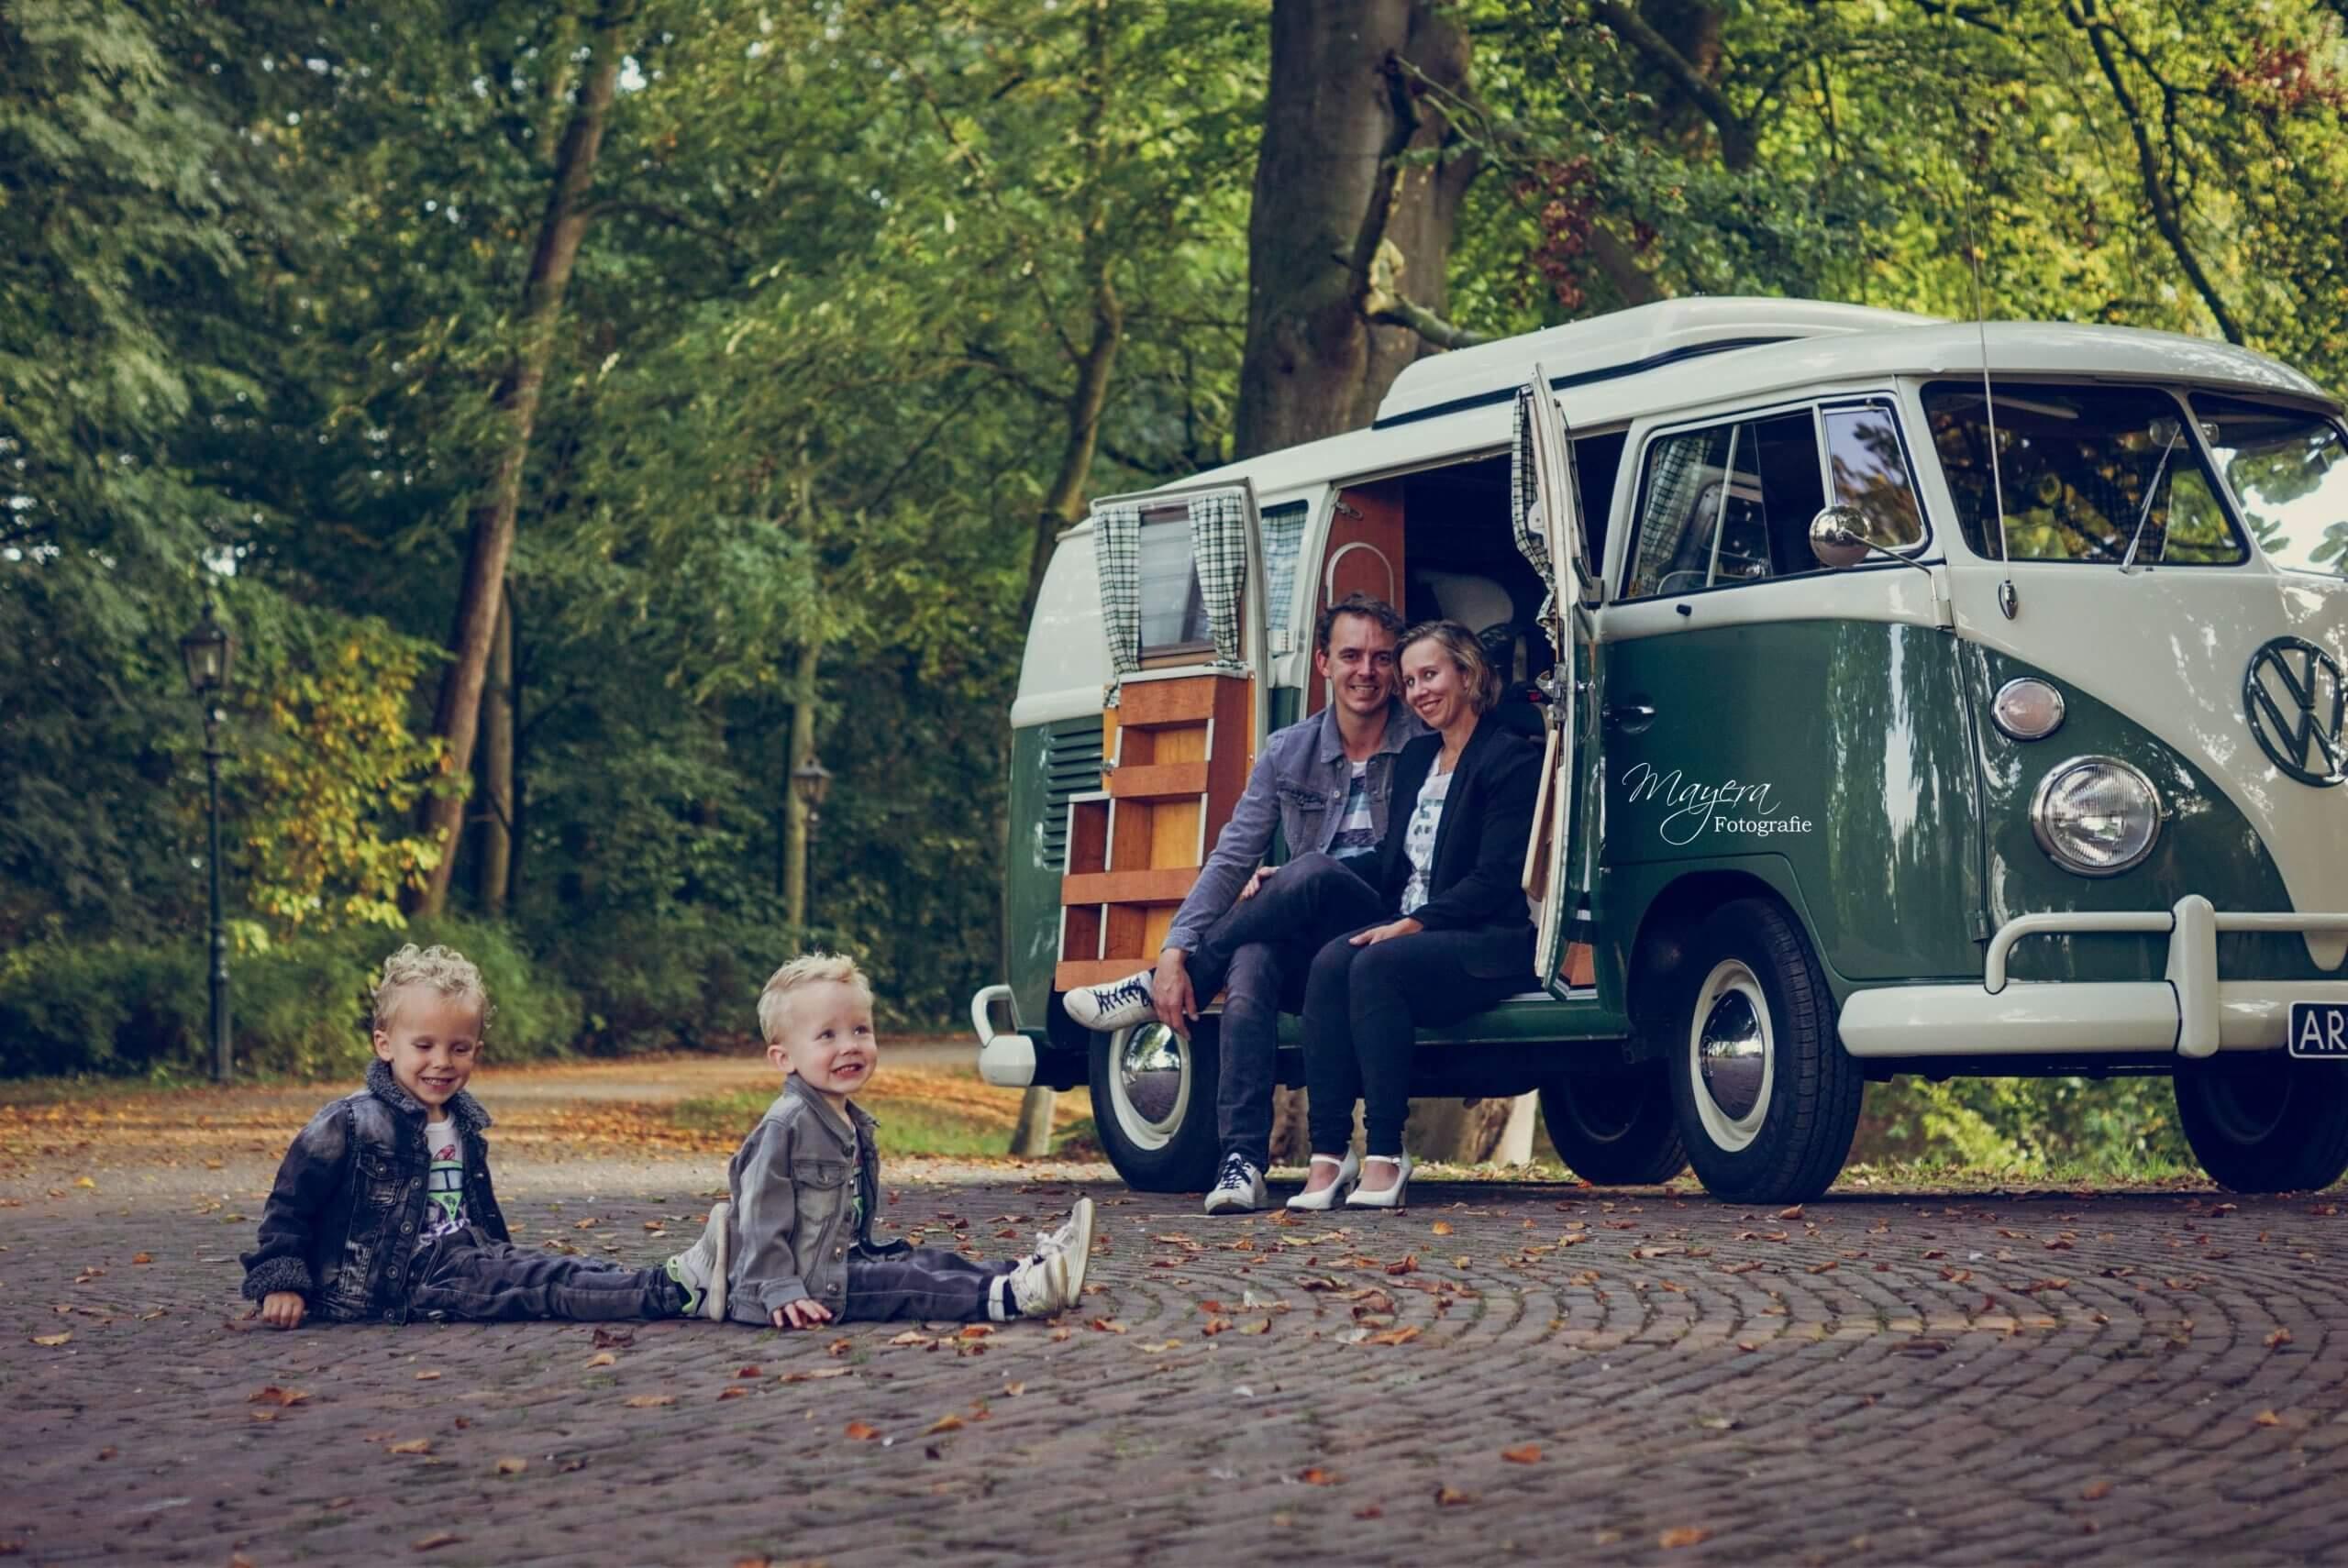 Familie foto in volkswagen bus